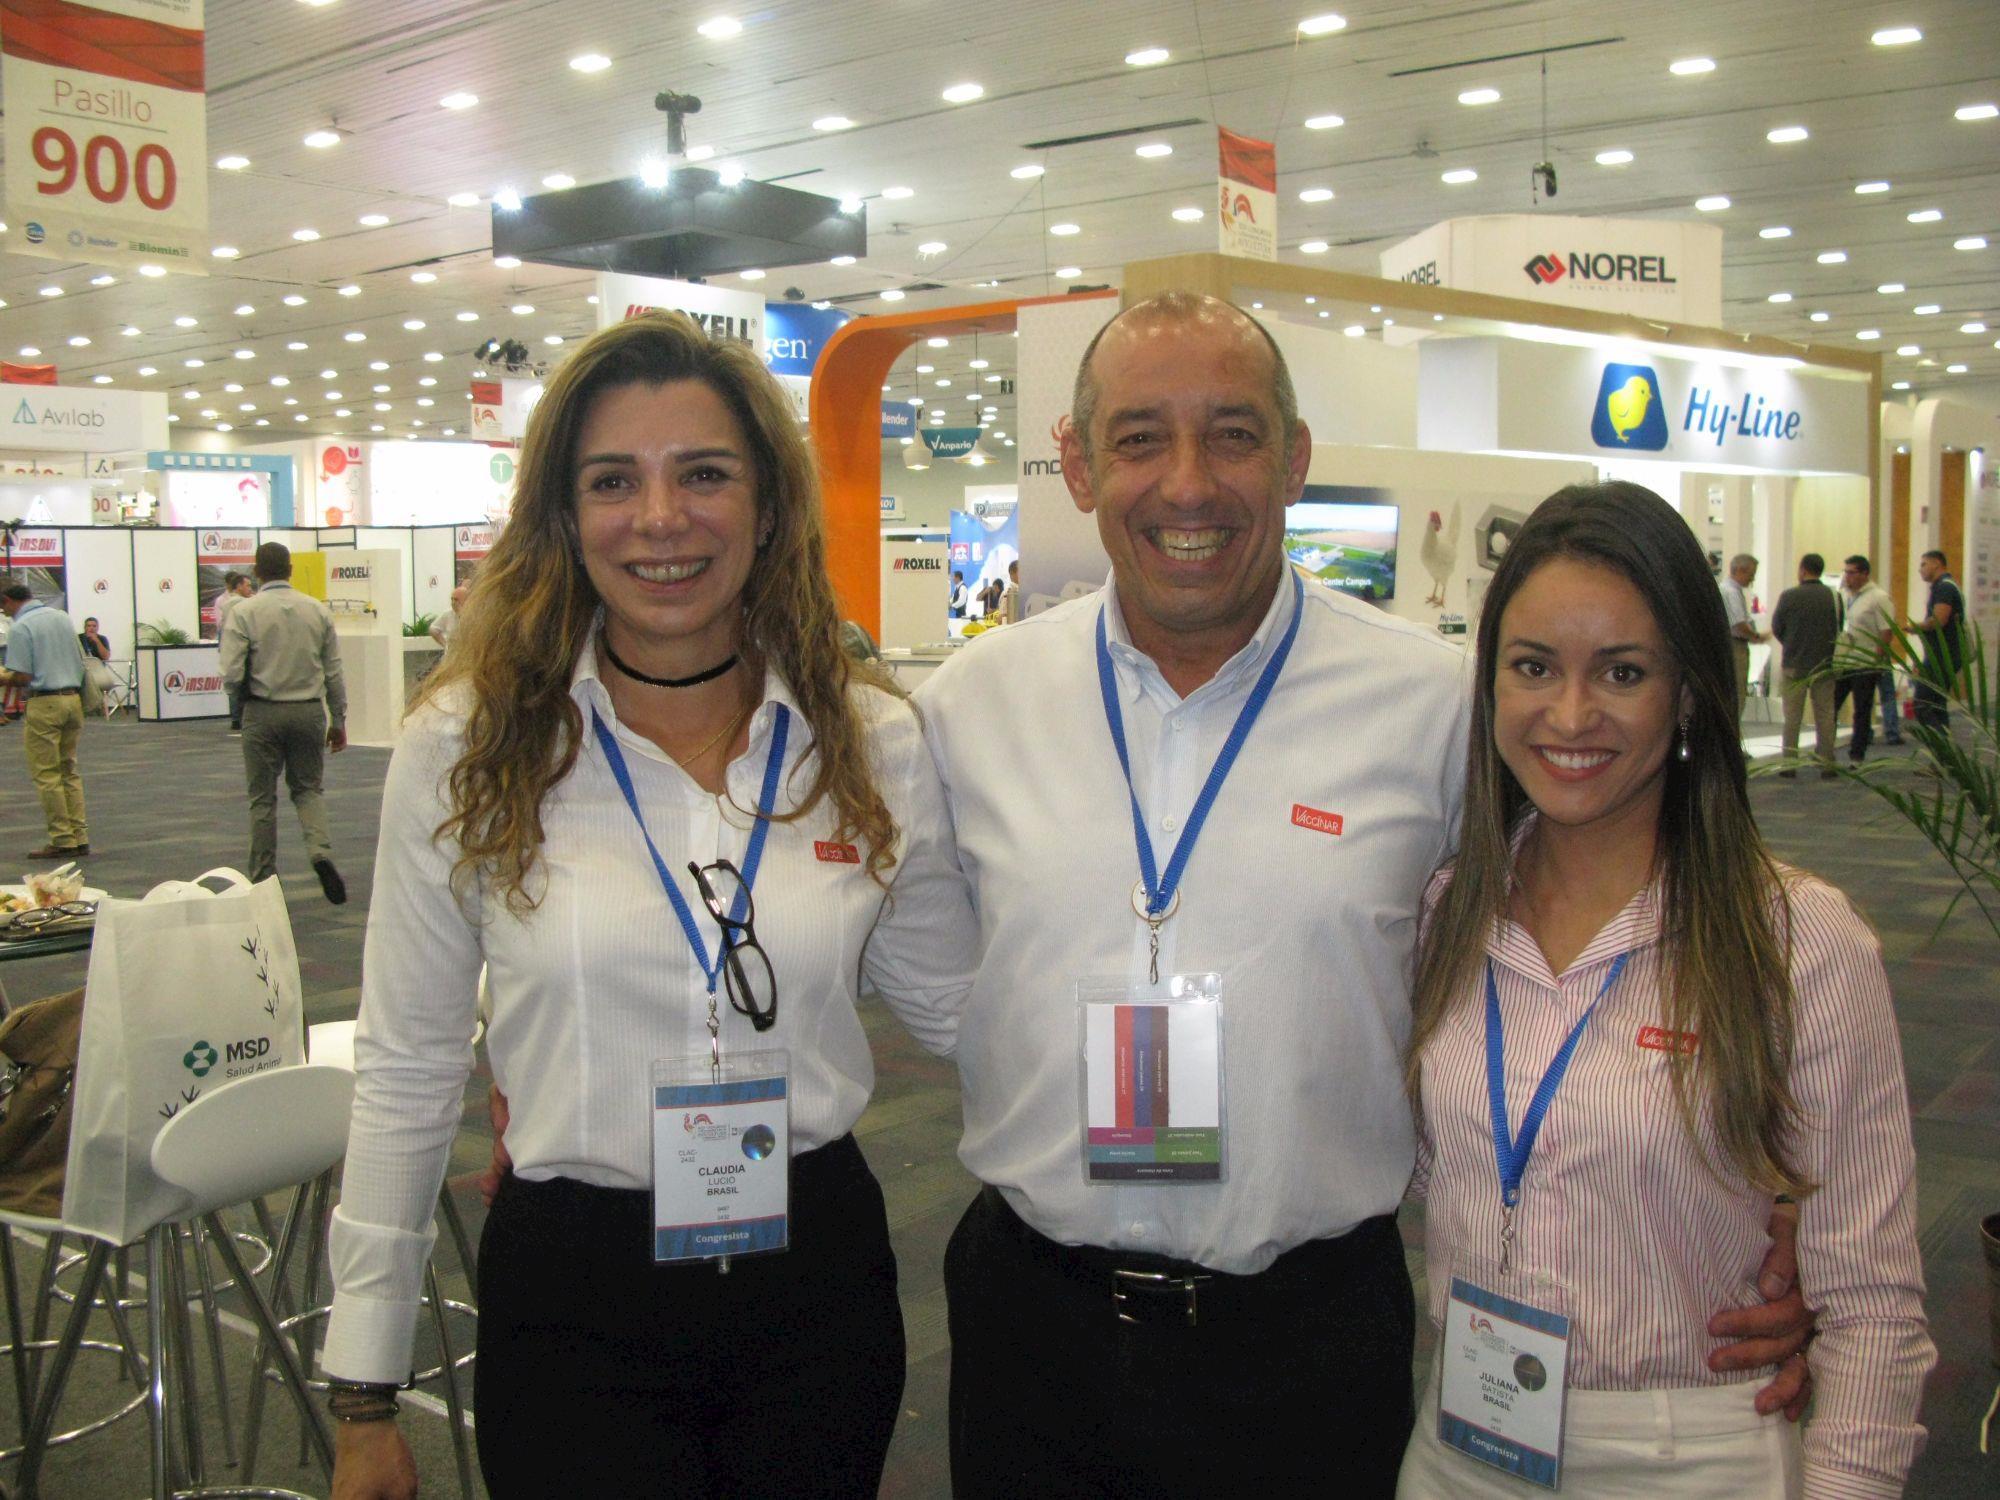 Empresas são destaque no 2º dia do Congresso Latino-Americano de Avicultura, Empresas são destaque no 2º dia do Congresso Latino-Americano de Avicultura